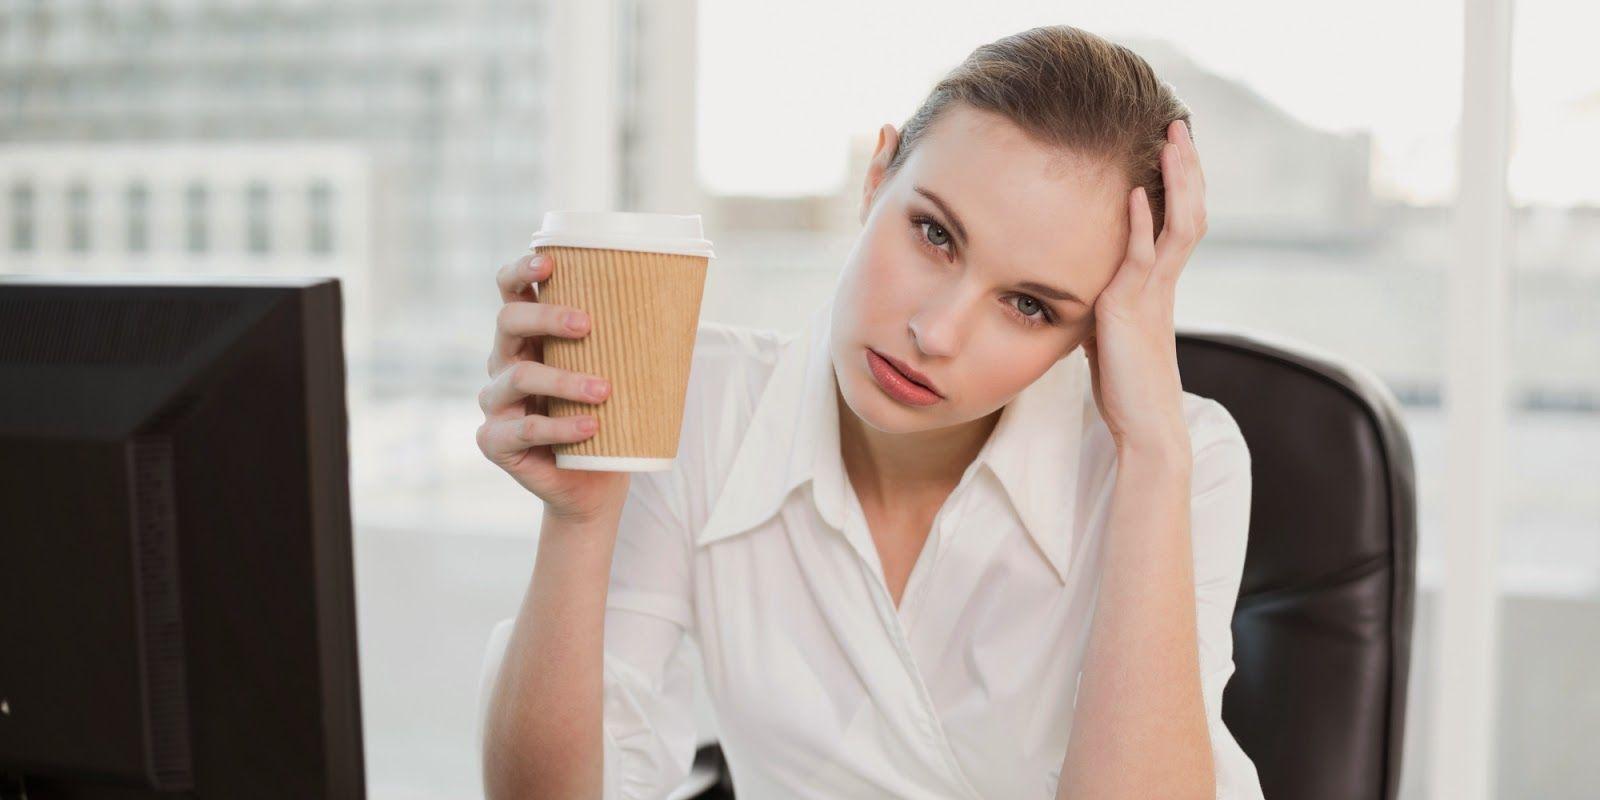 женщина в белой блузке дерд\жит в руке стаканчик кофе с собой